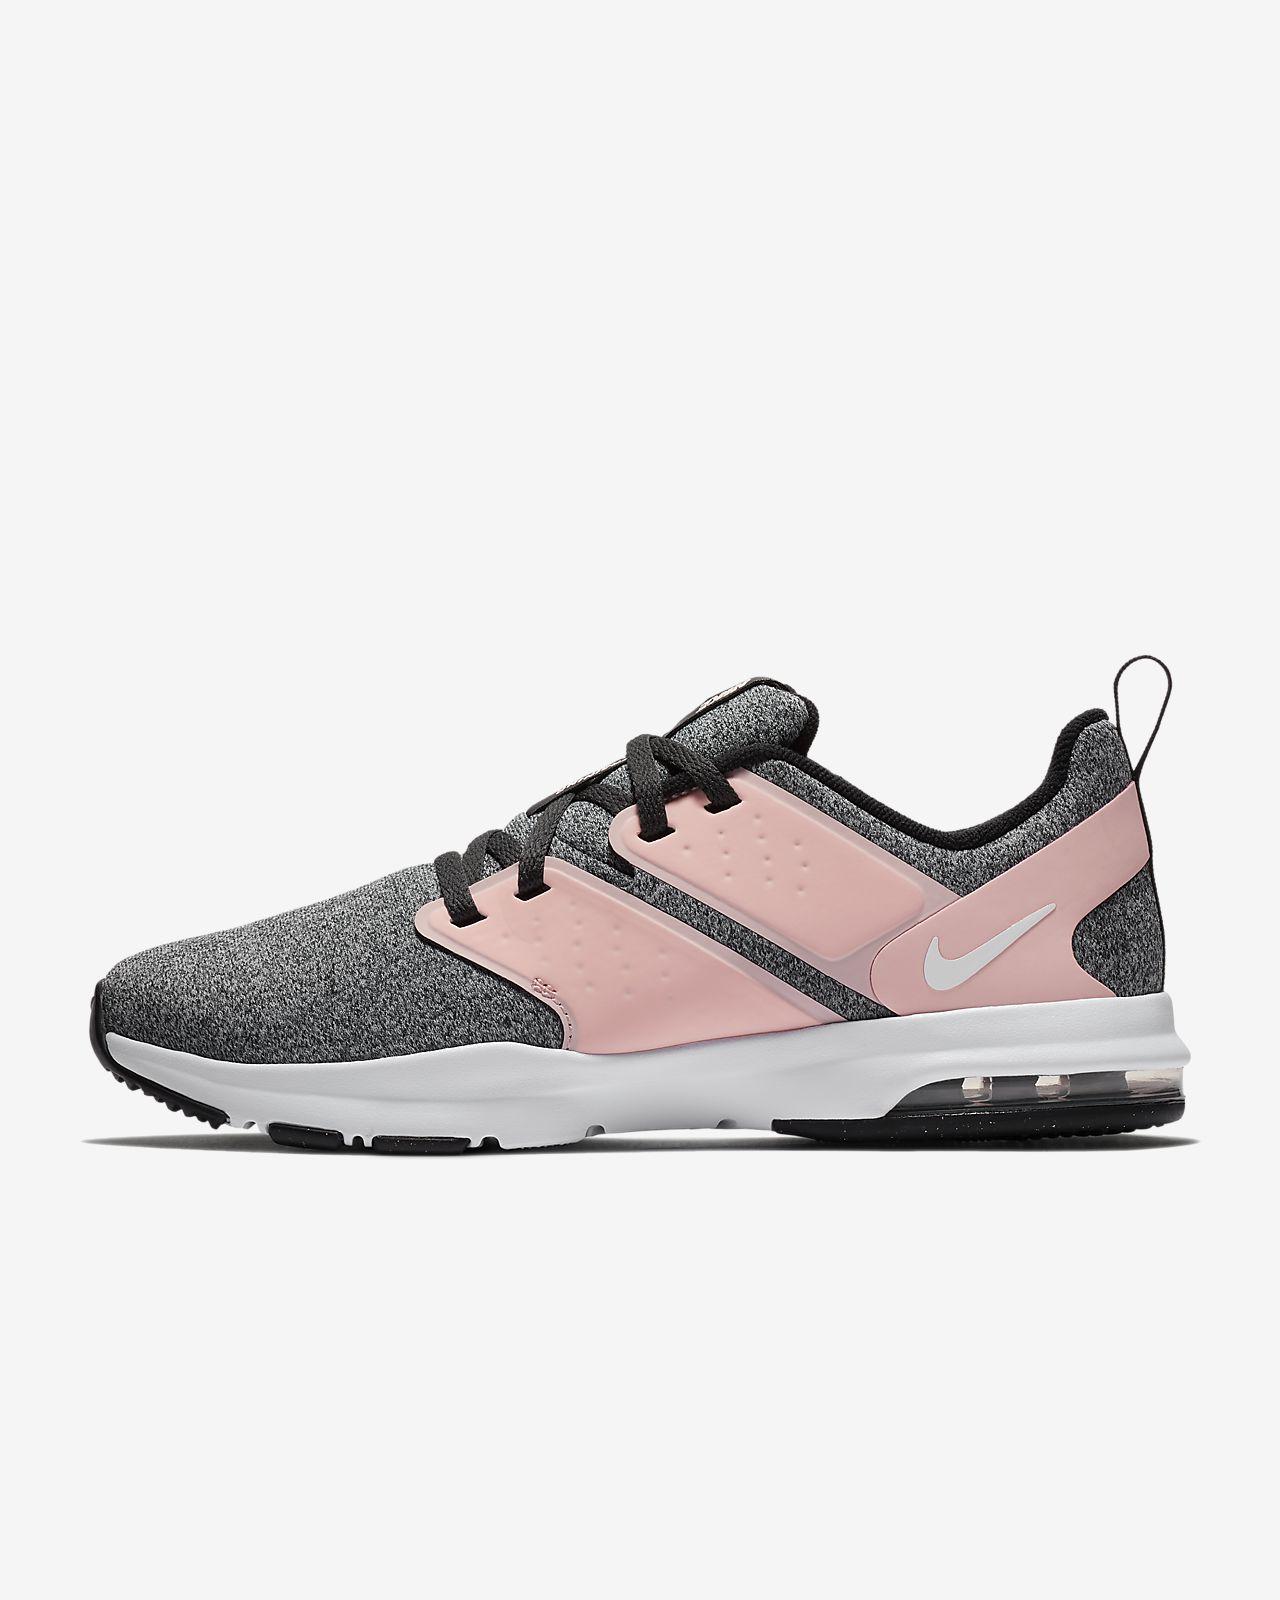 Donna Nike Zoom condizione TR Scarpe Nero Rosa Da Donna Scarpe da ginnastica mesh